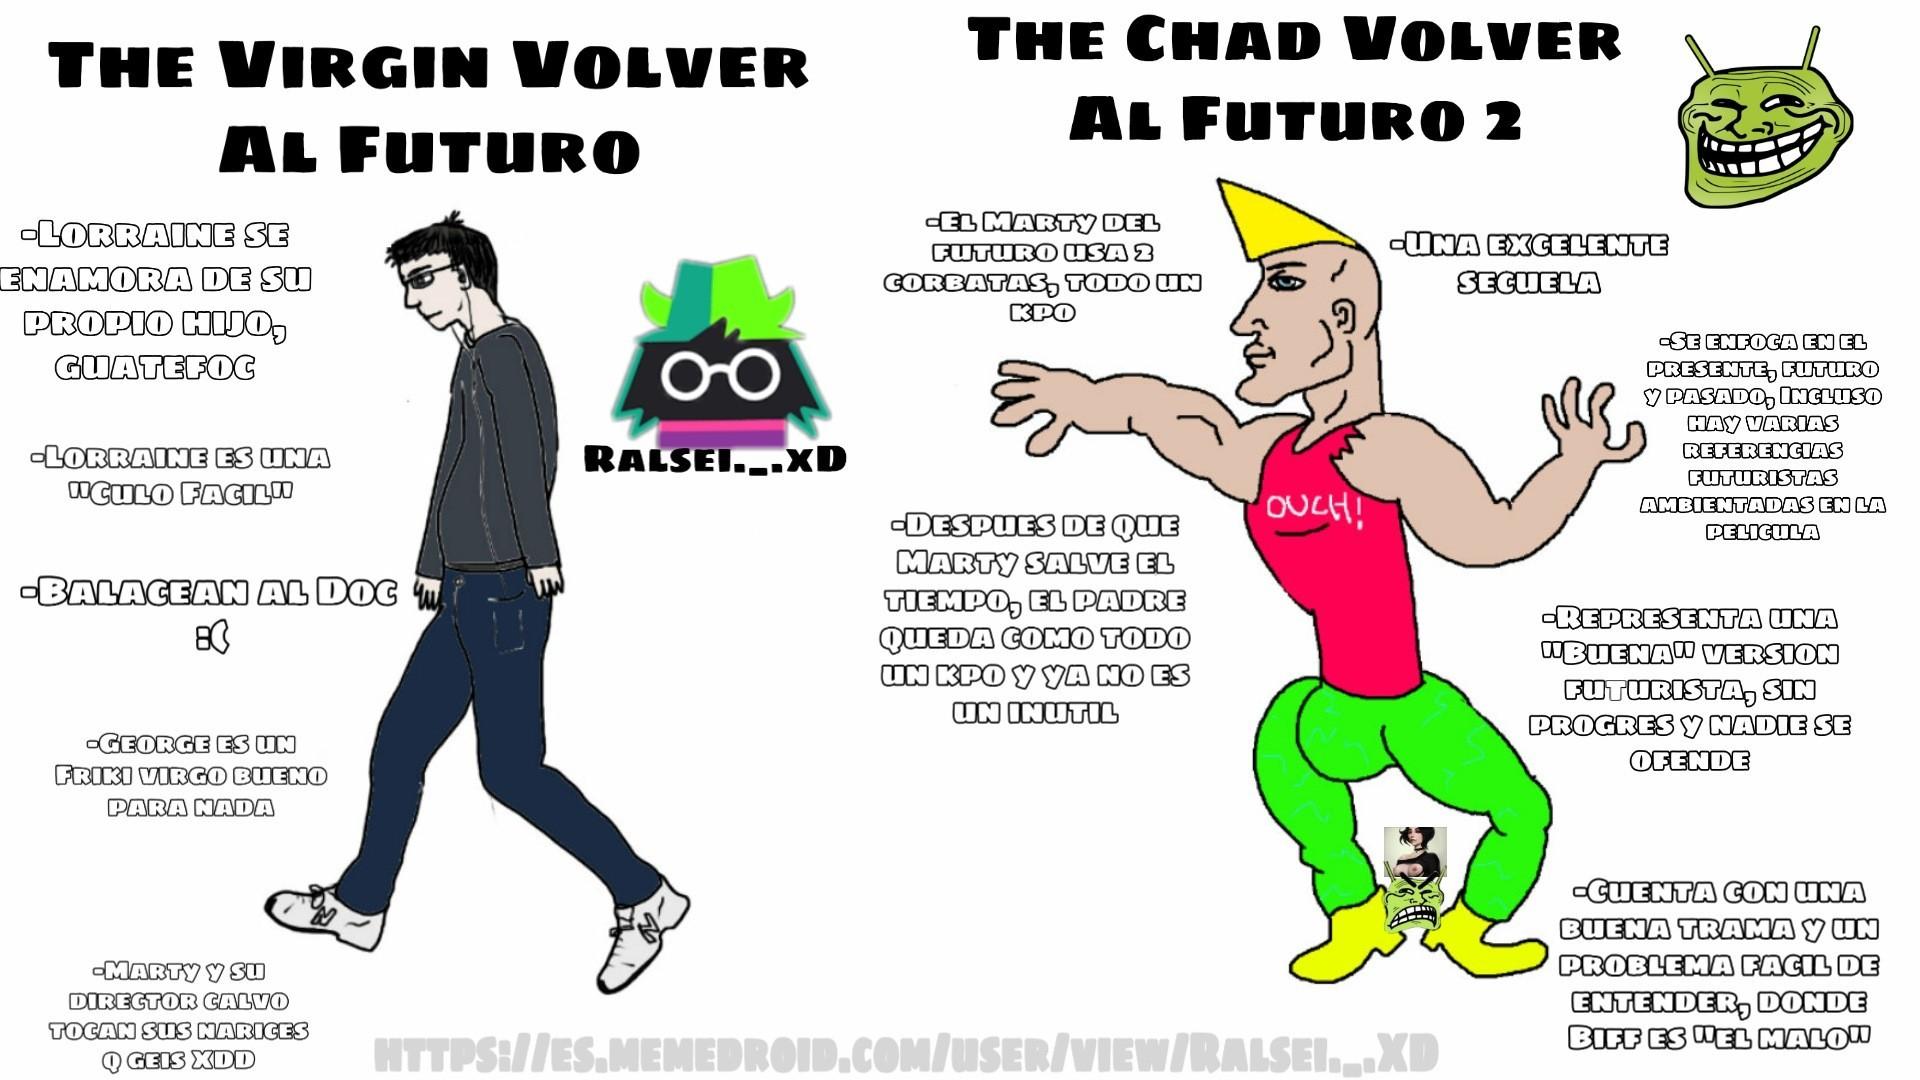 Cual es su peli favorita?, Hay un easter egg debajo de Chad XD - meme